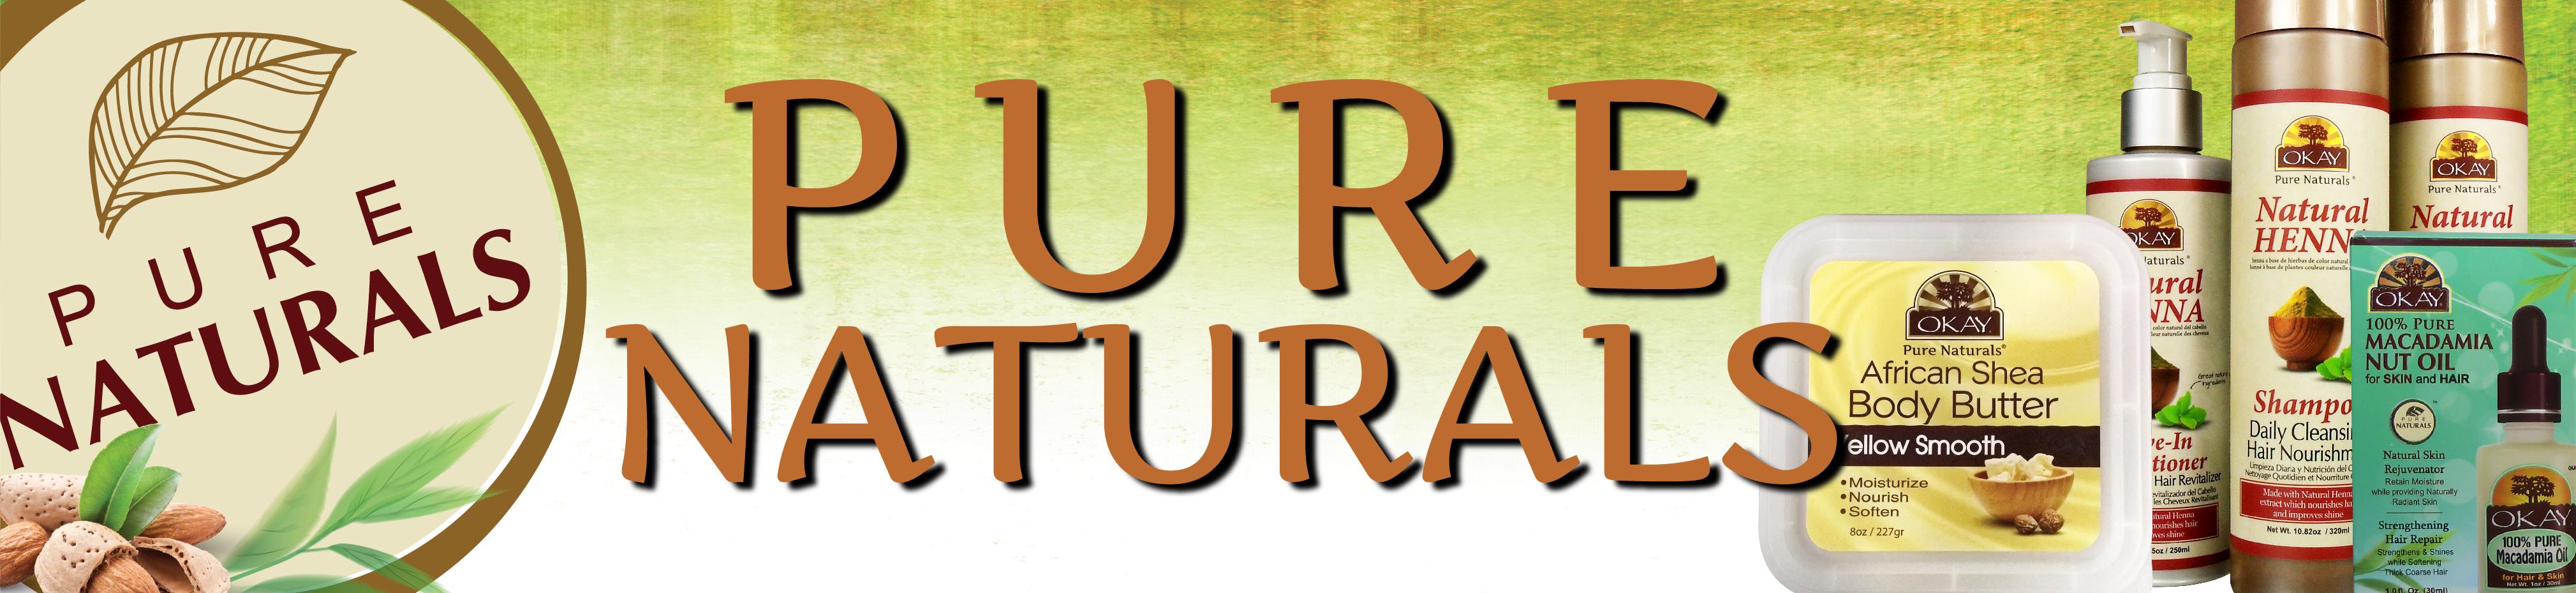 pure-naturals-20-20.jpg